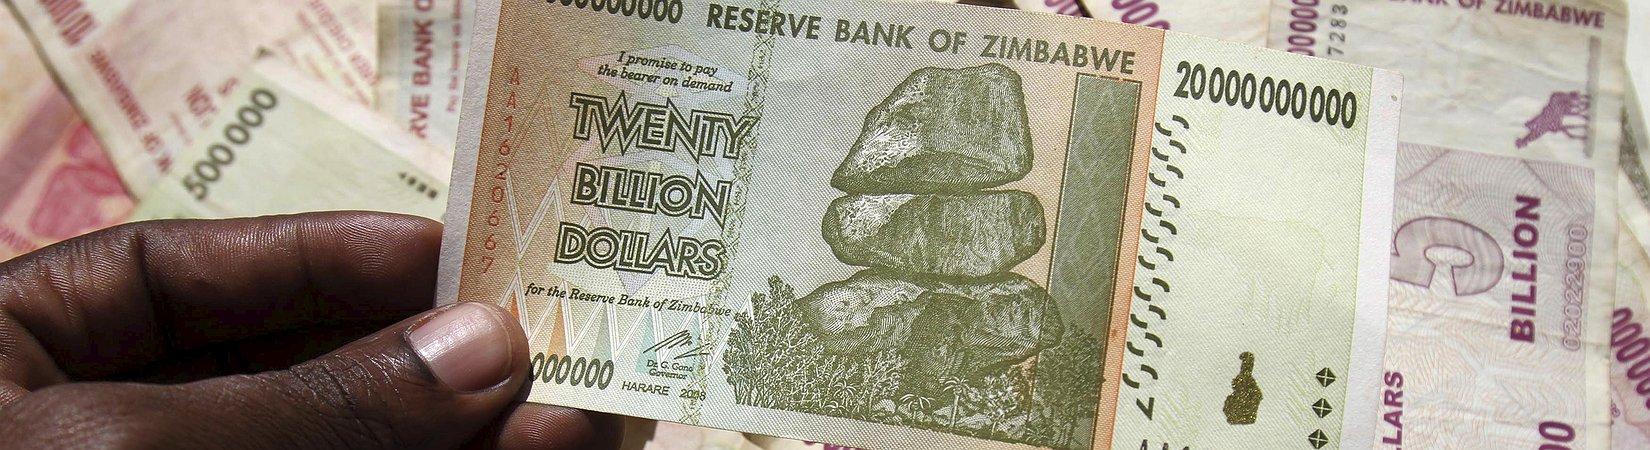 Un bitcoin vale più di 13.000 $ nello Zimbabwe